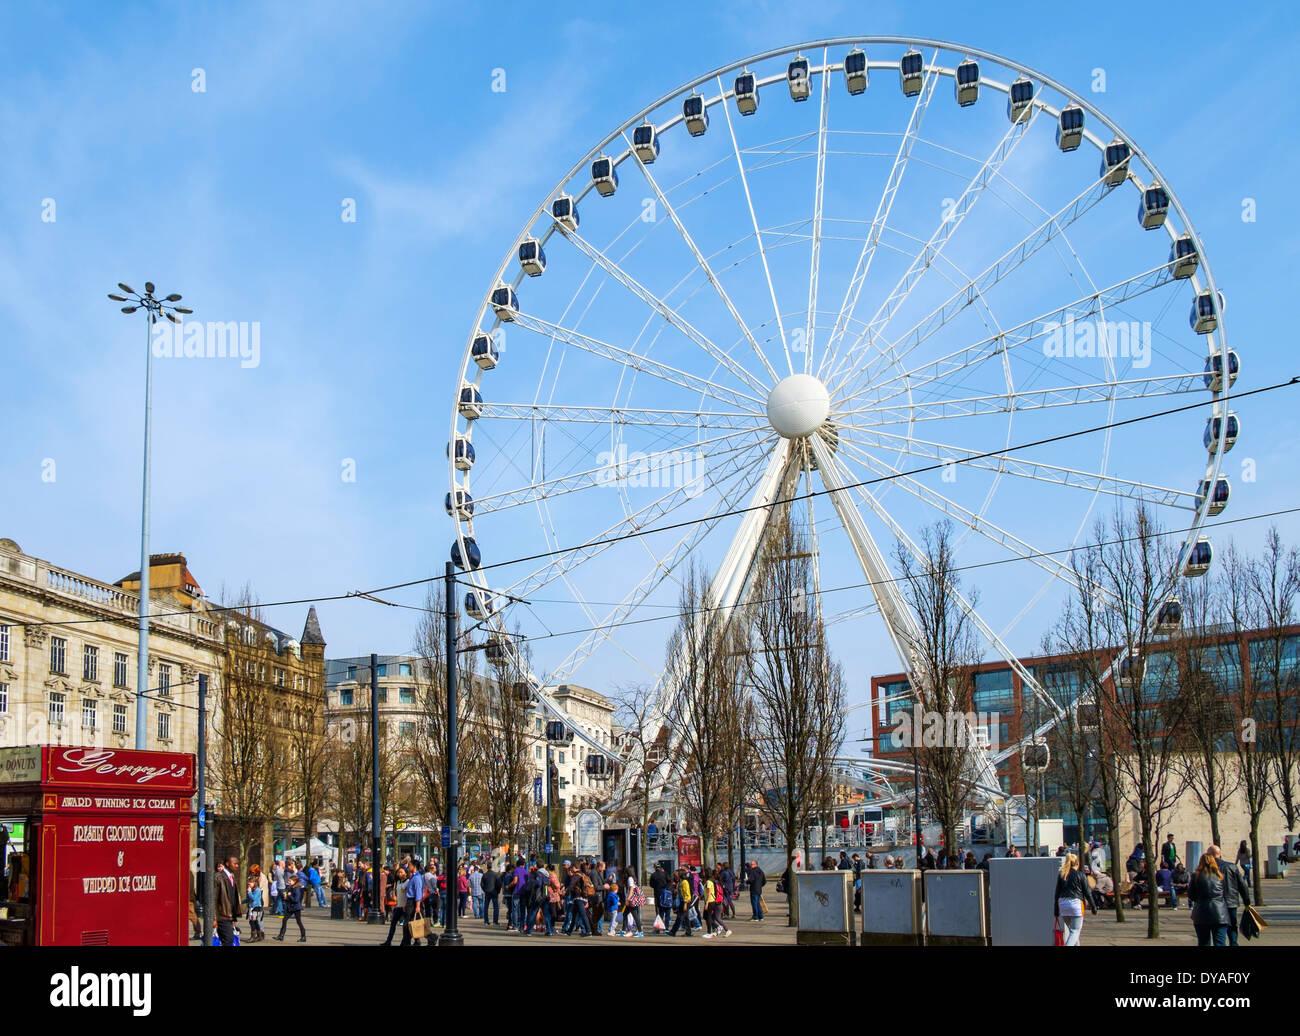 La roue de Manchester, Manchester, Angleterre, RU Photo Stock